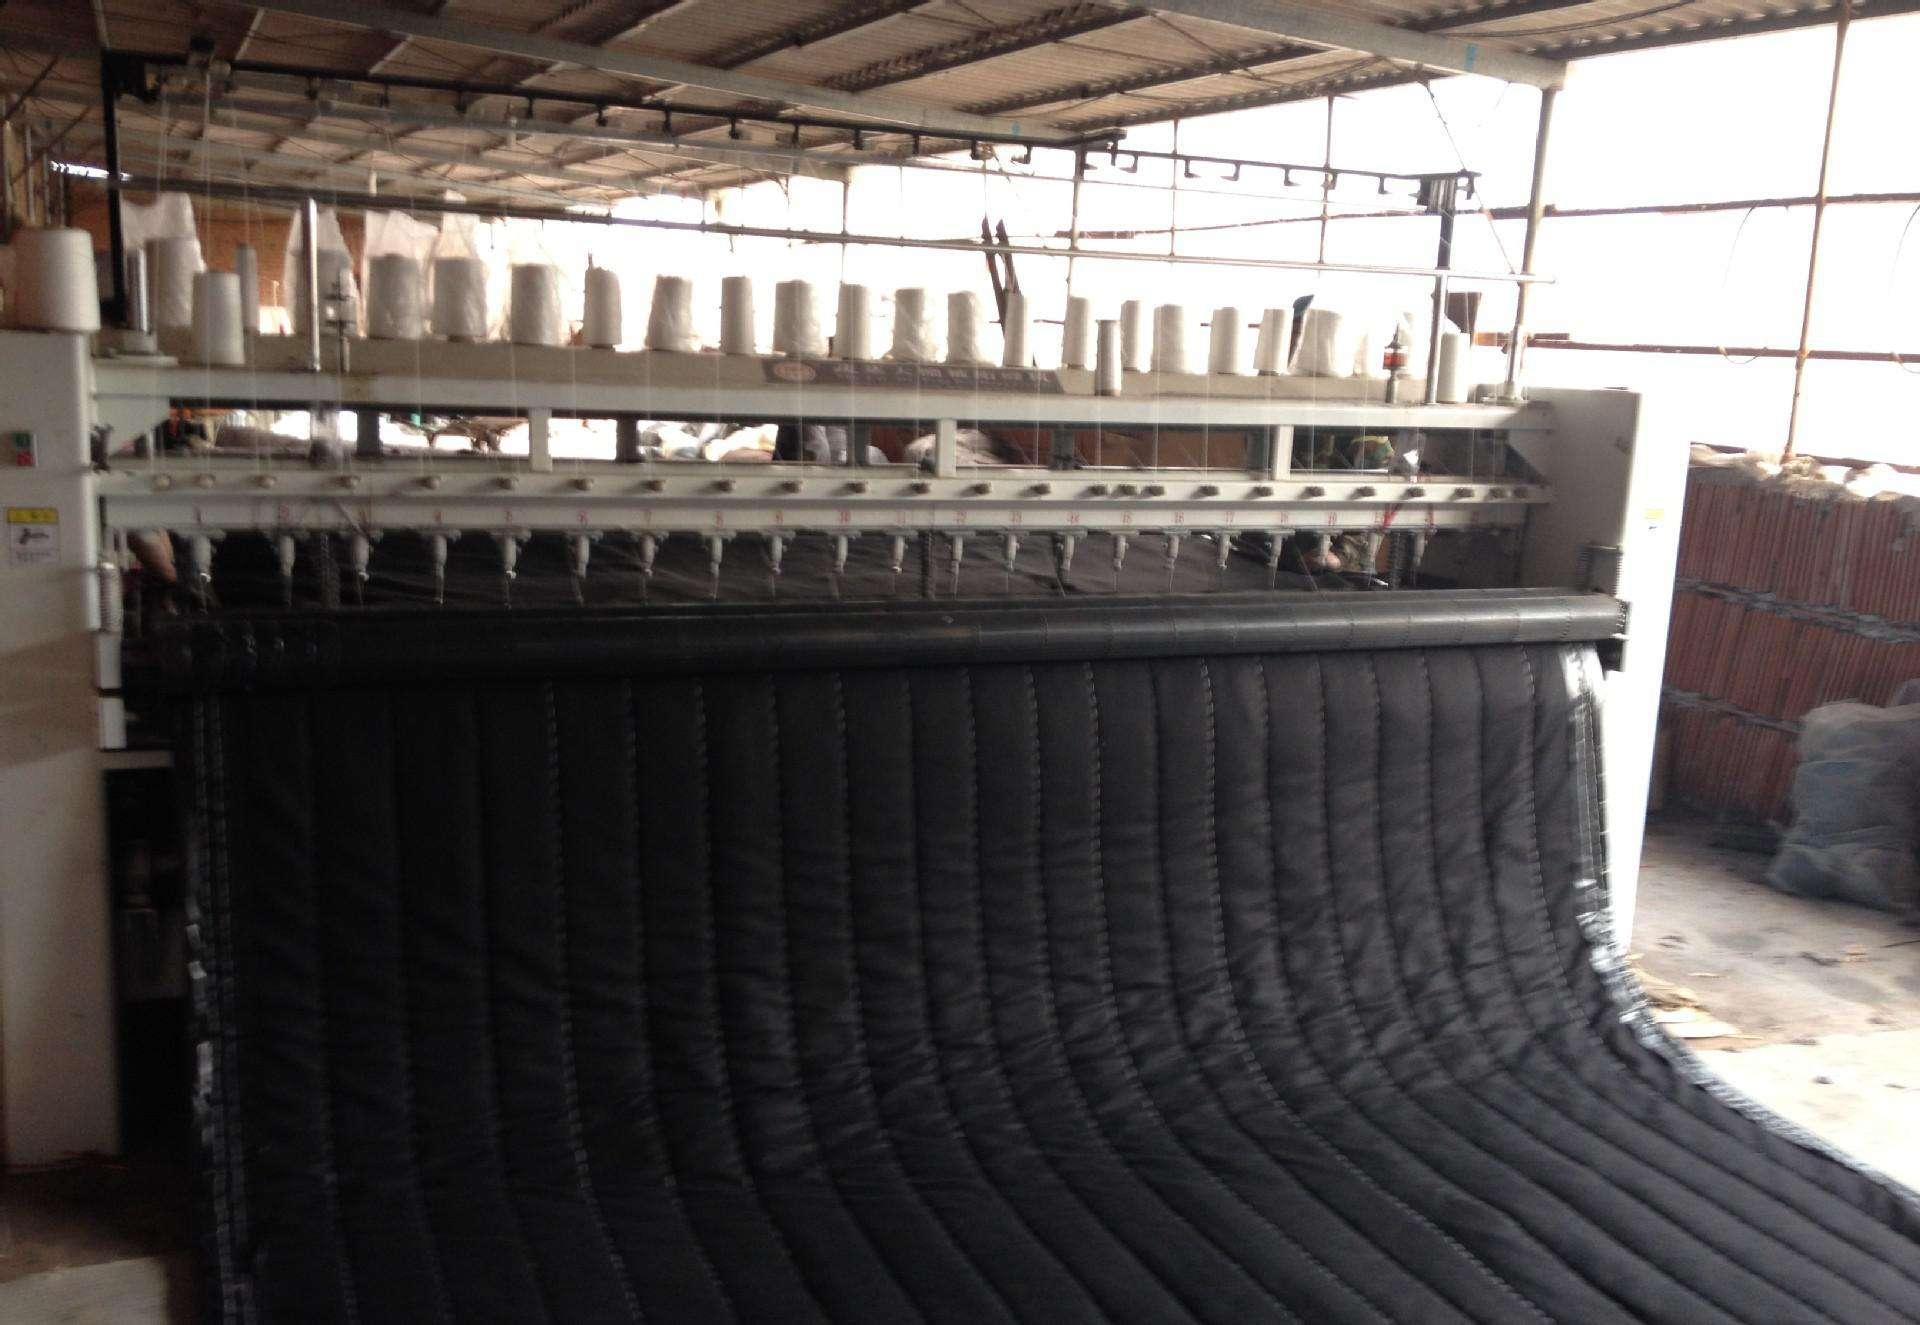 乐亭县立明农业设施有限公司|大棚保温被|大棚保温被生产厂家